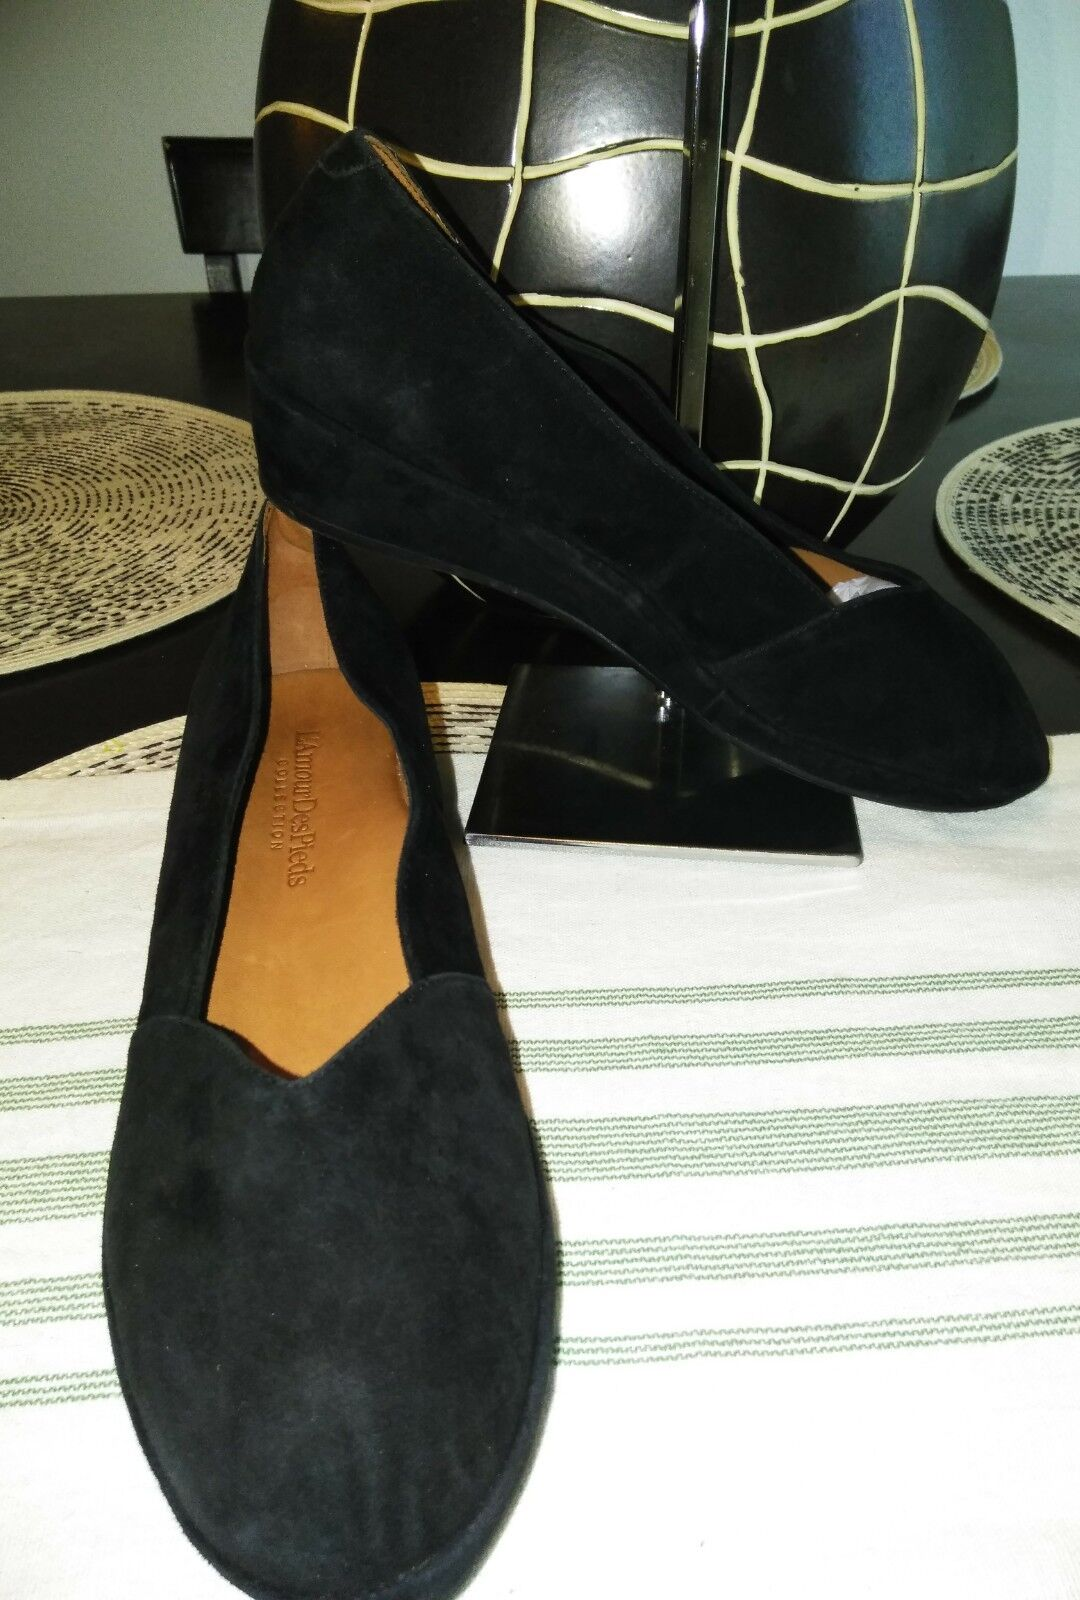 senza esitazione! acquista ora! L'Amour Des Pieds Bracey nero Suede Orthopedic Wedge Wedge Wedge scarpe Sz 11M  ci sono più marche di prodotti di alta qualità